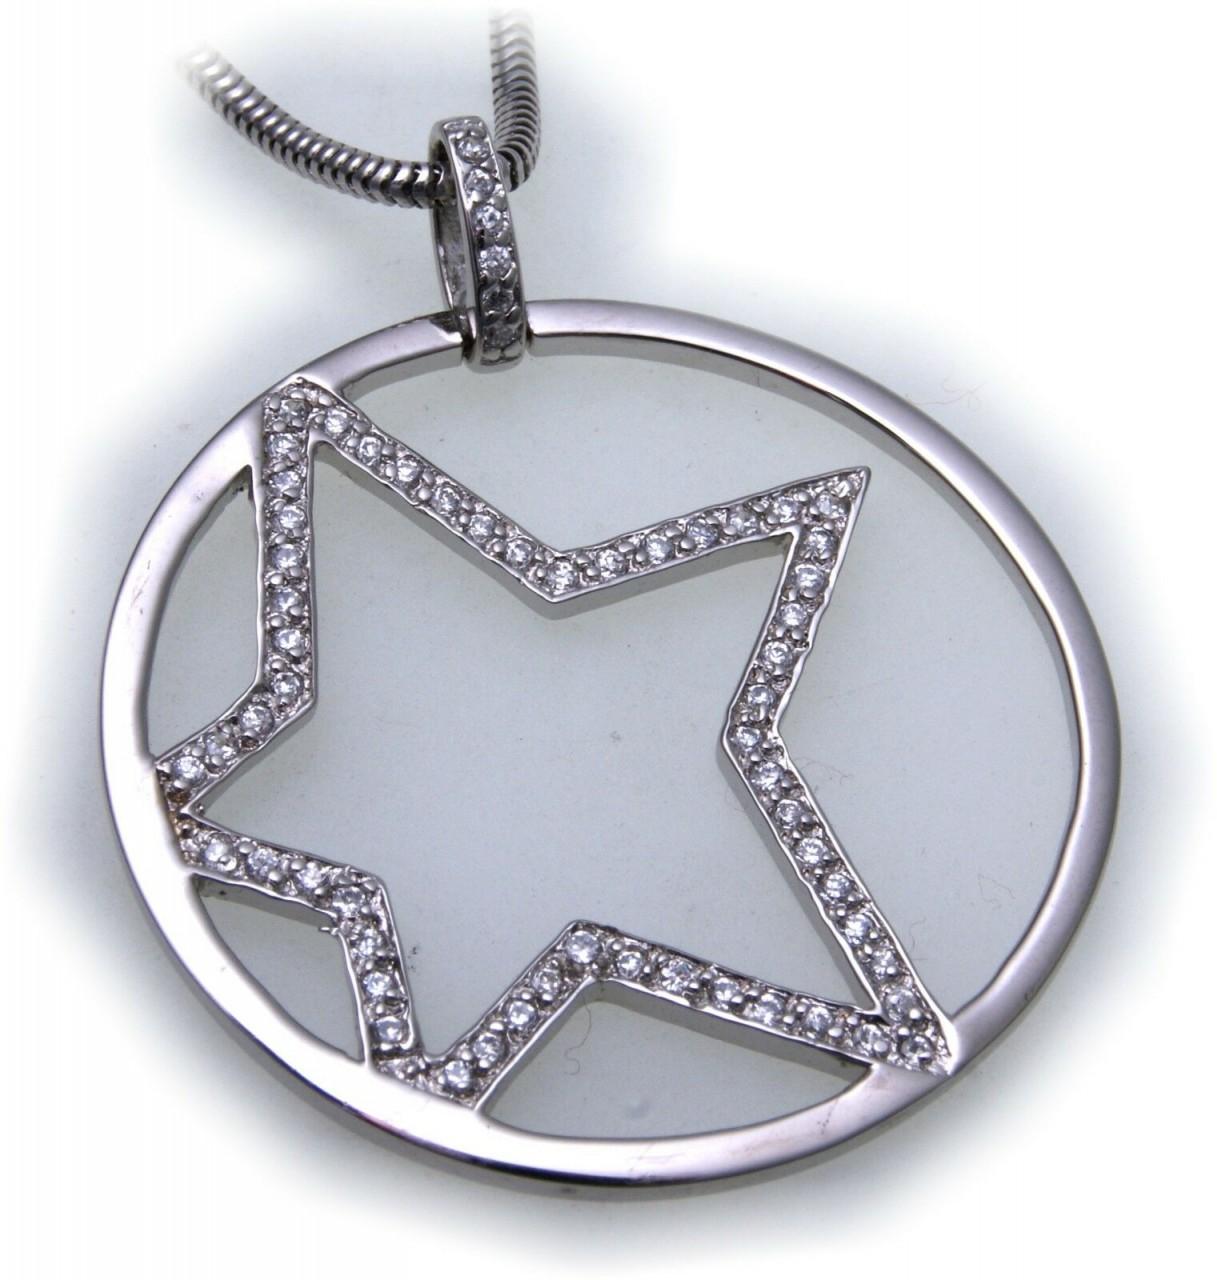 Anhänger Stern echt Silber 925 Zirkonia Sternform Sterlingsilber